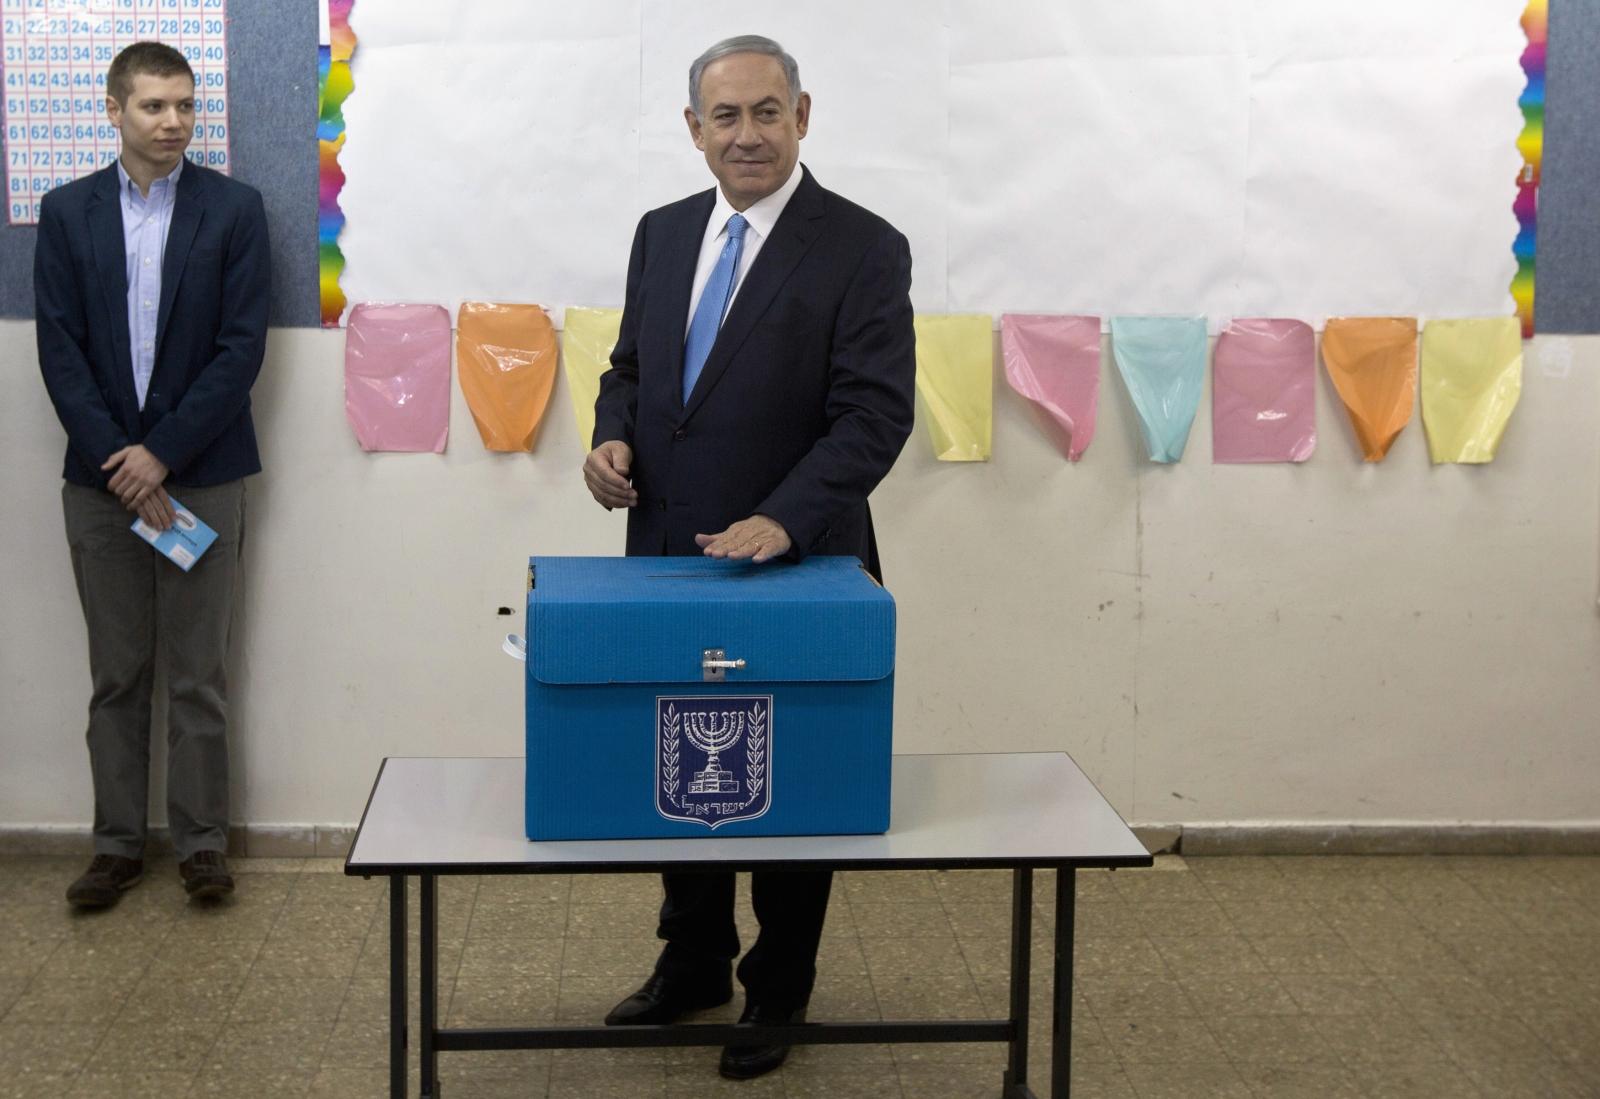 Benjamin Netanyahu casting his vote